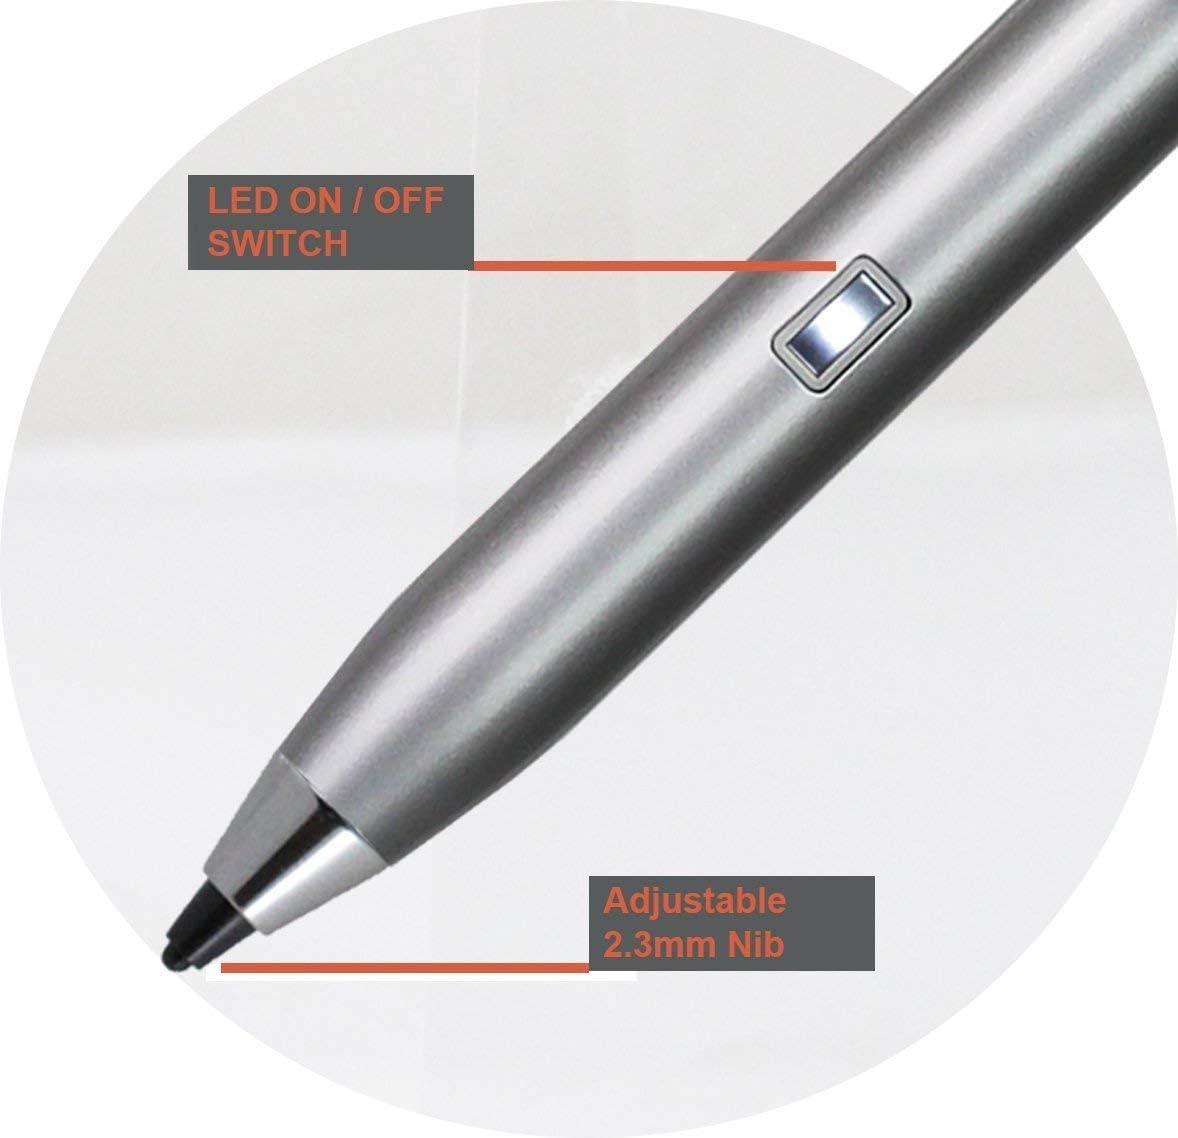 Broonel Silver Fine Point Digital Active Stylus Pen Compatible with The Lenovo 100e 11.6 Lenovo 300e 11.6